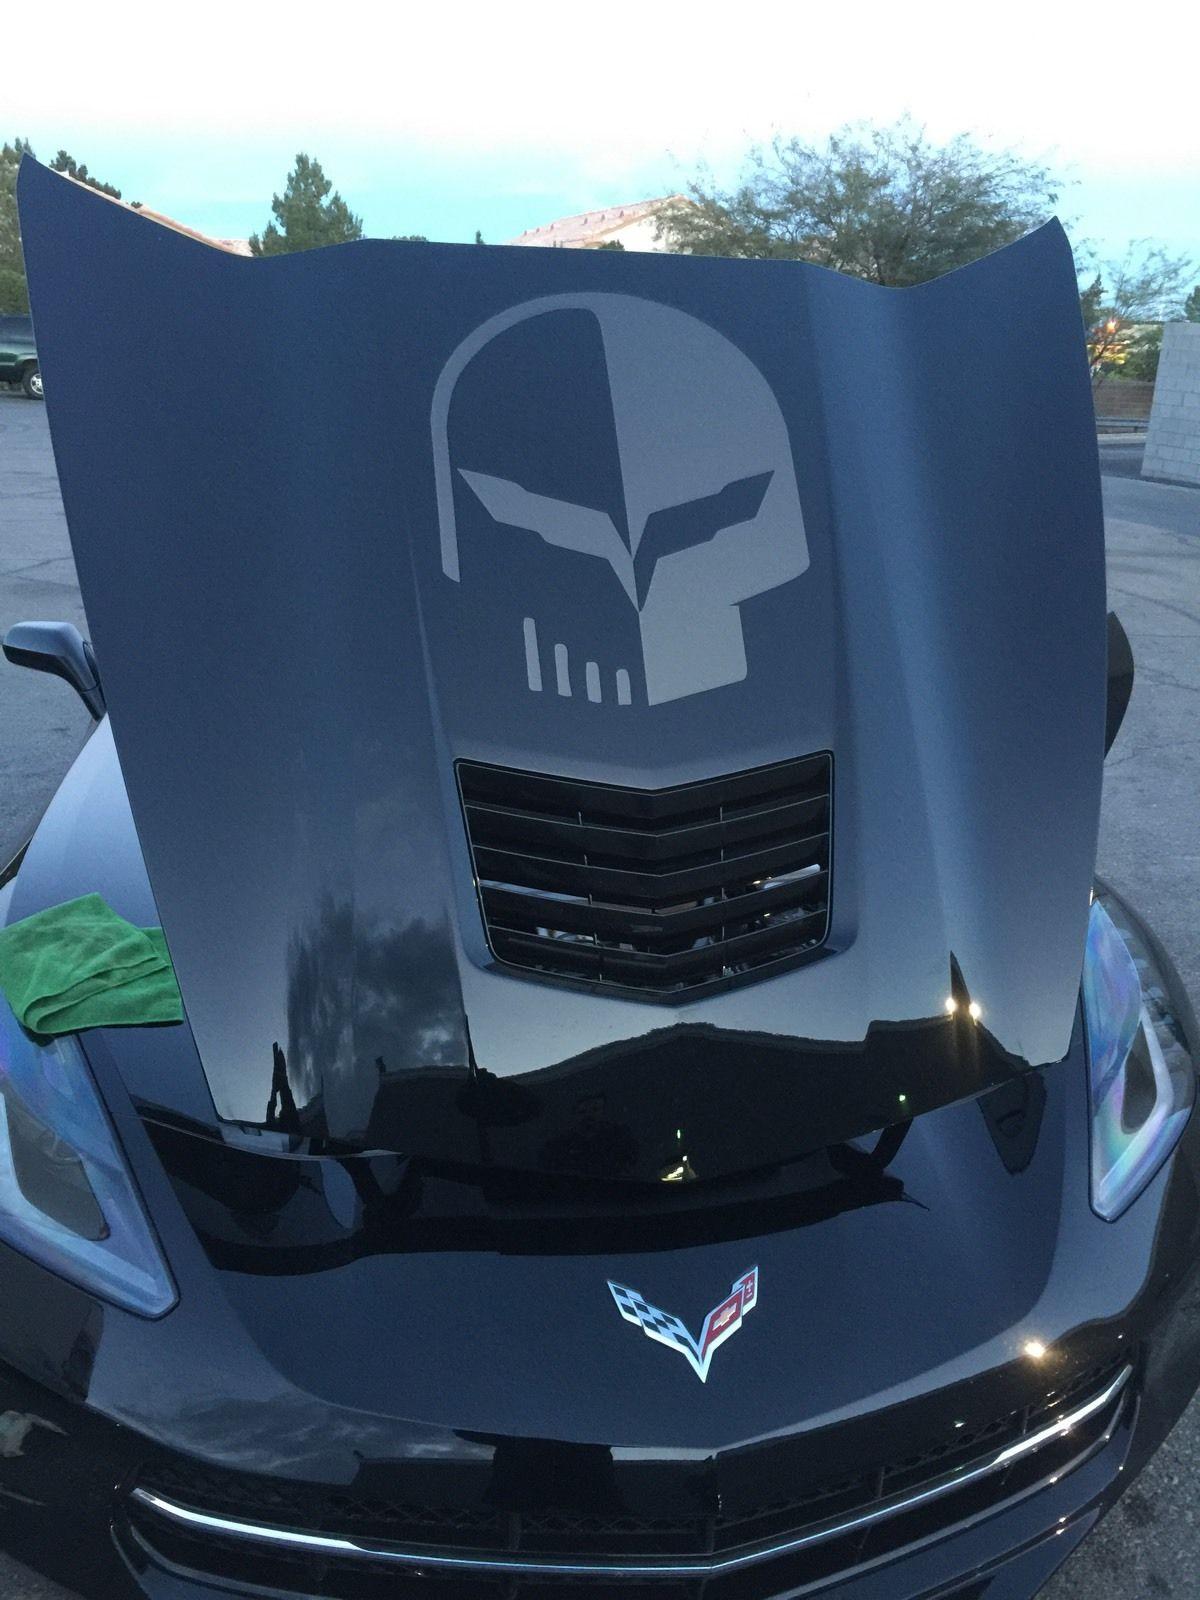 Chevy Jake Corvette Punisher Haube Vinyl Aufkleber Aufkleber Überlagerung Grafik Schwarz